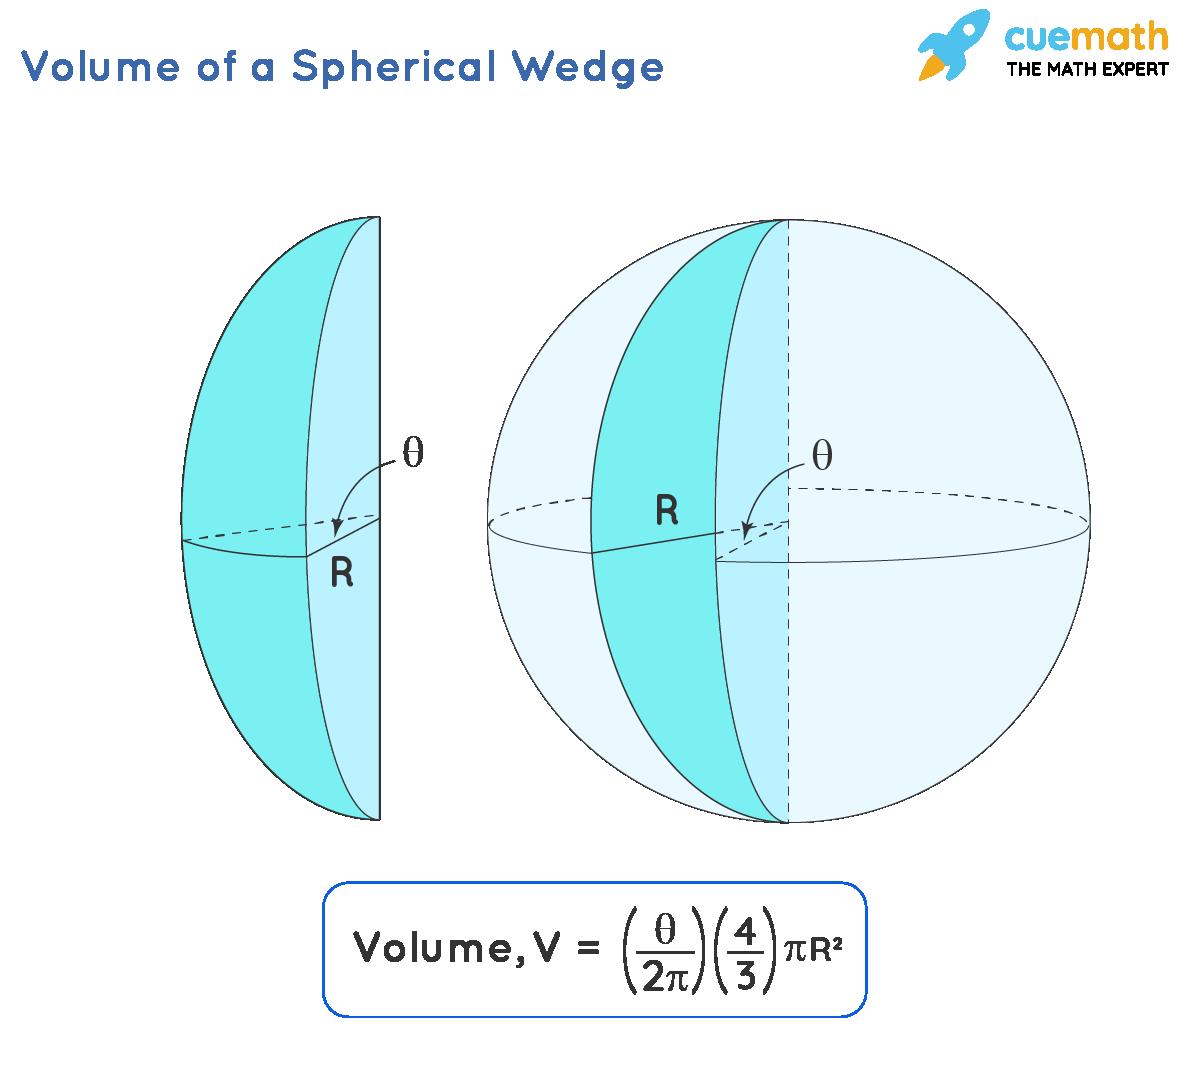 Volume of spherical wedge